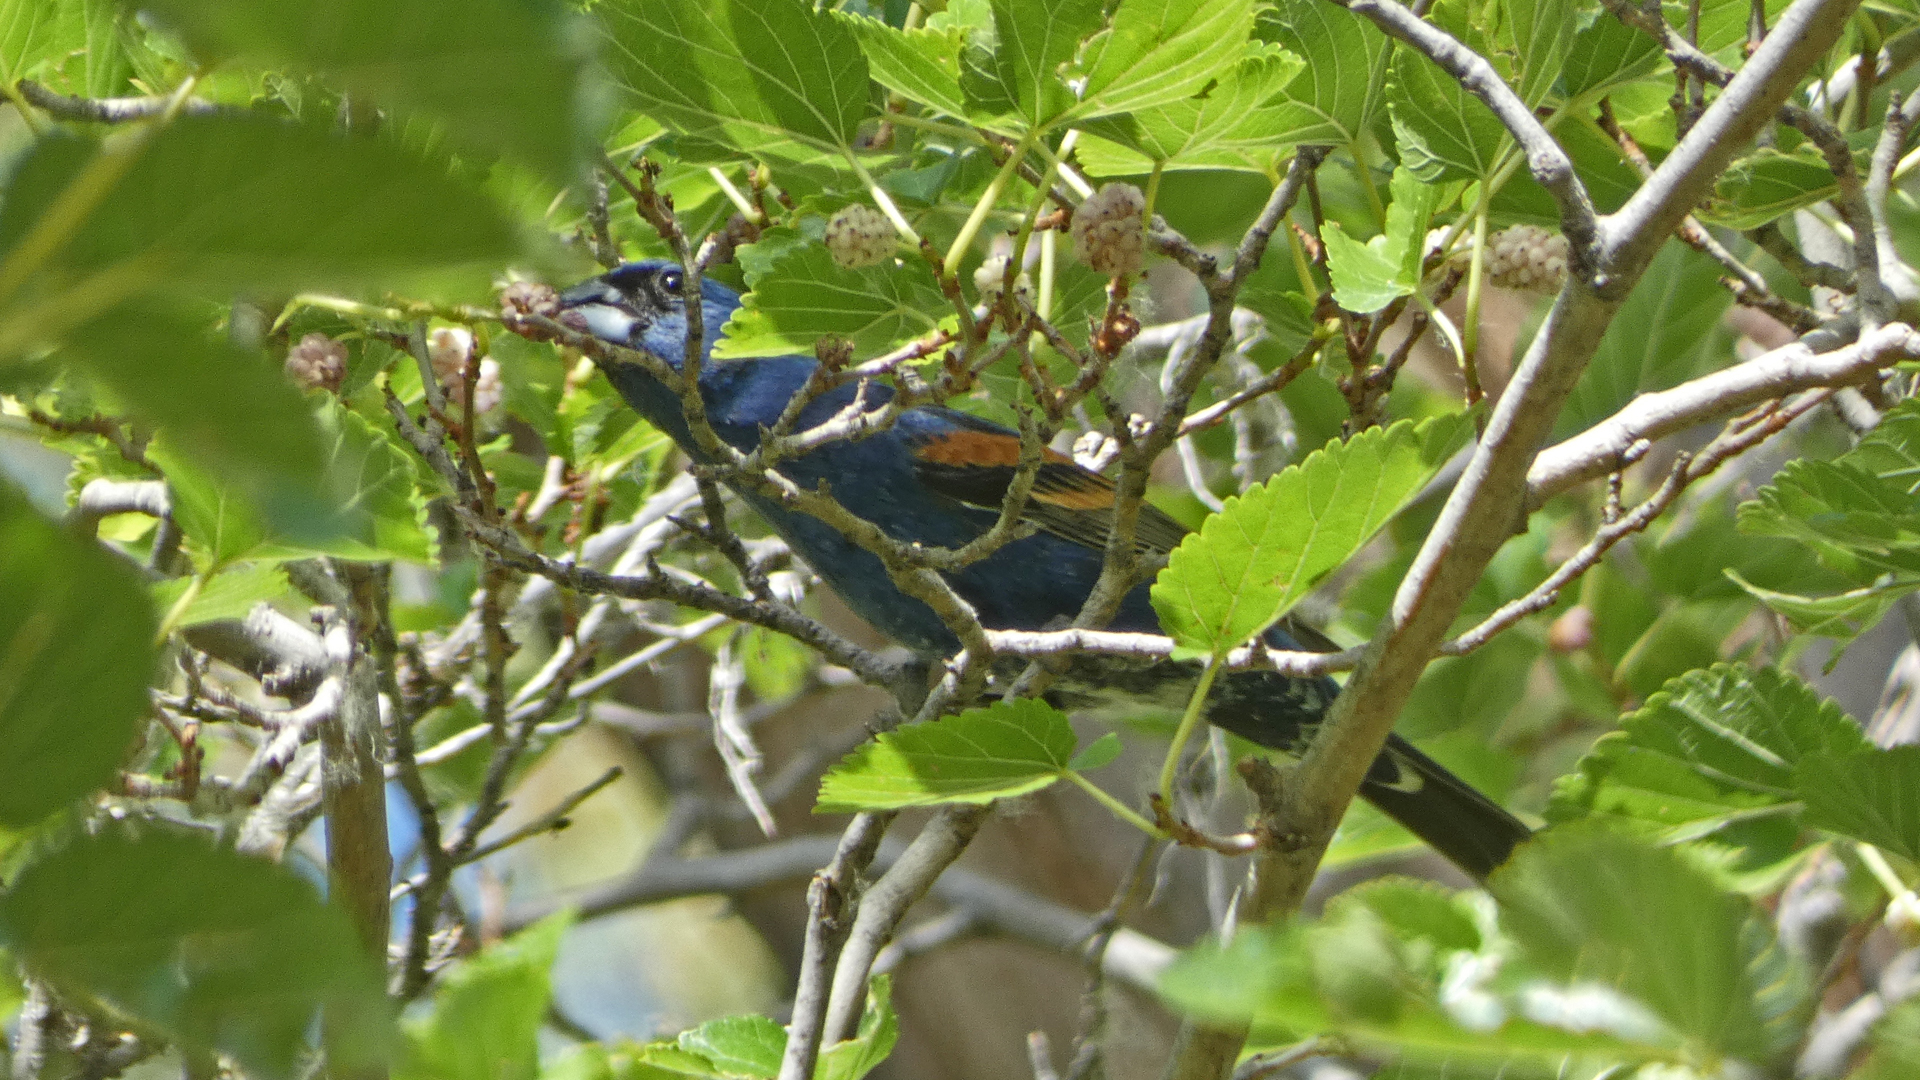 Male, Rio Grande Bosque, Albuquerque, July 2021